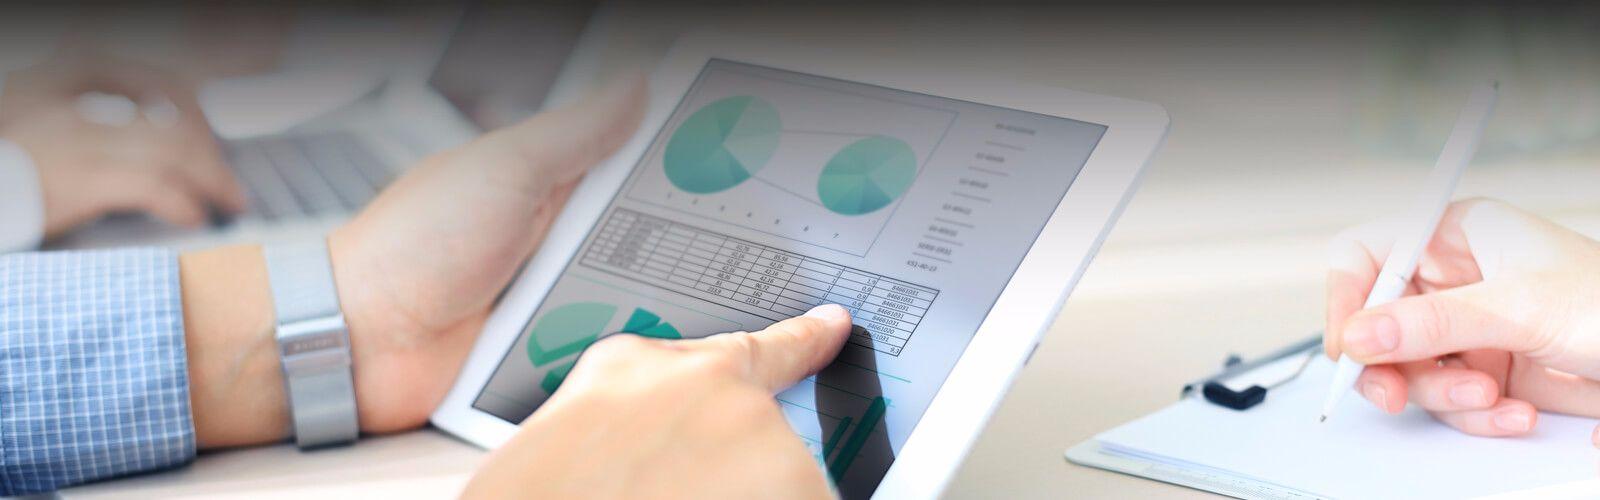 Trova e verifica i prezzi online